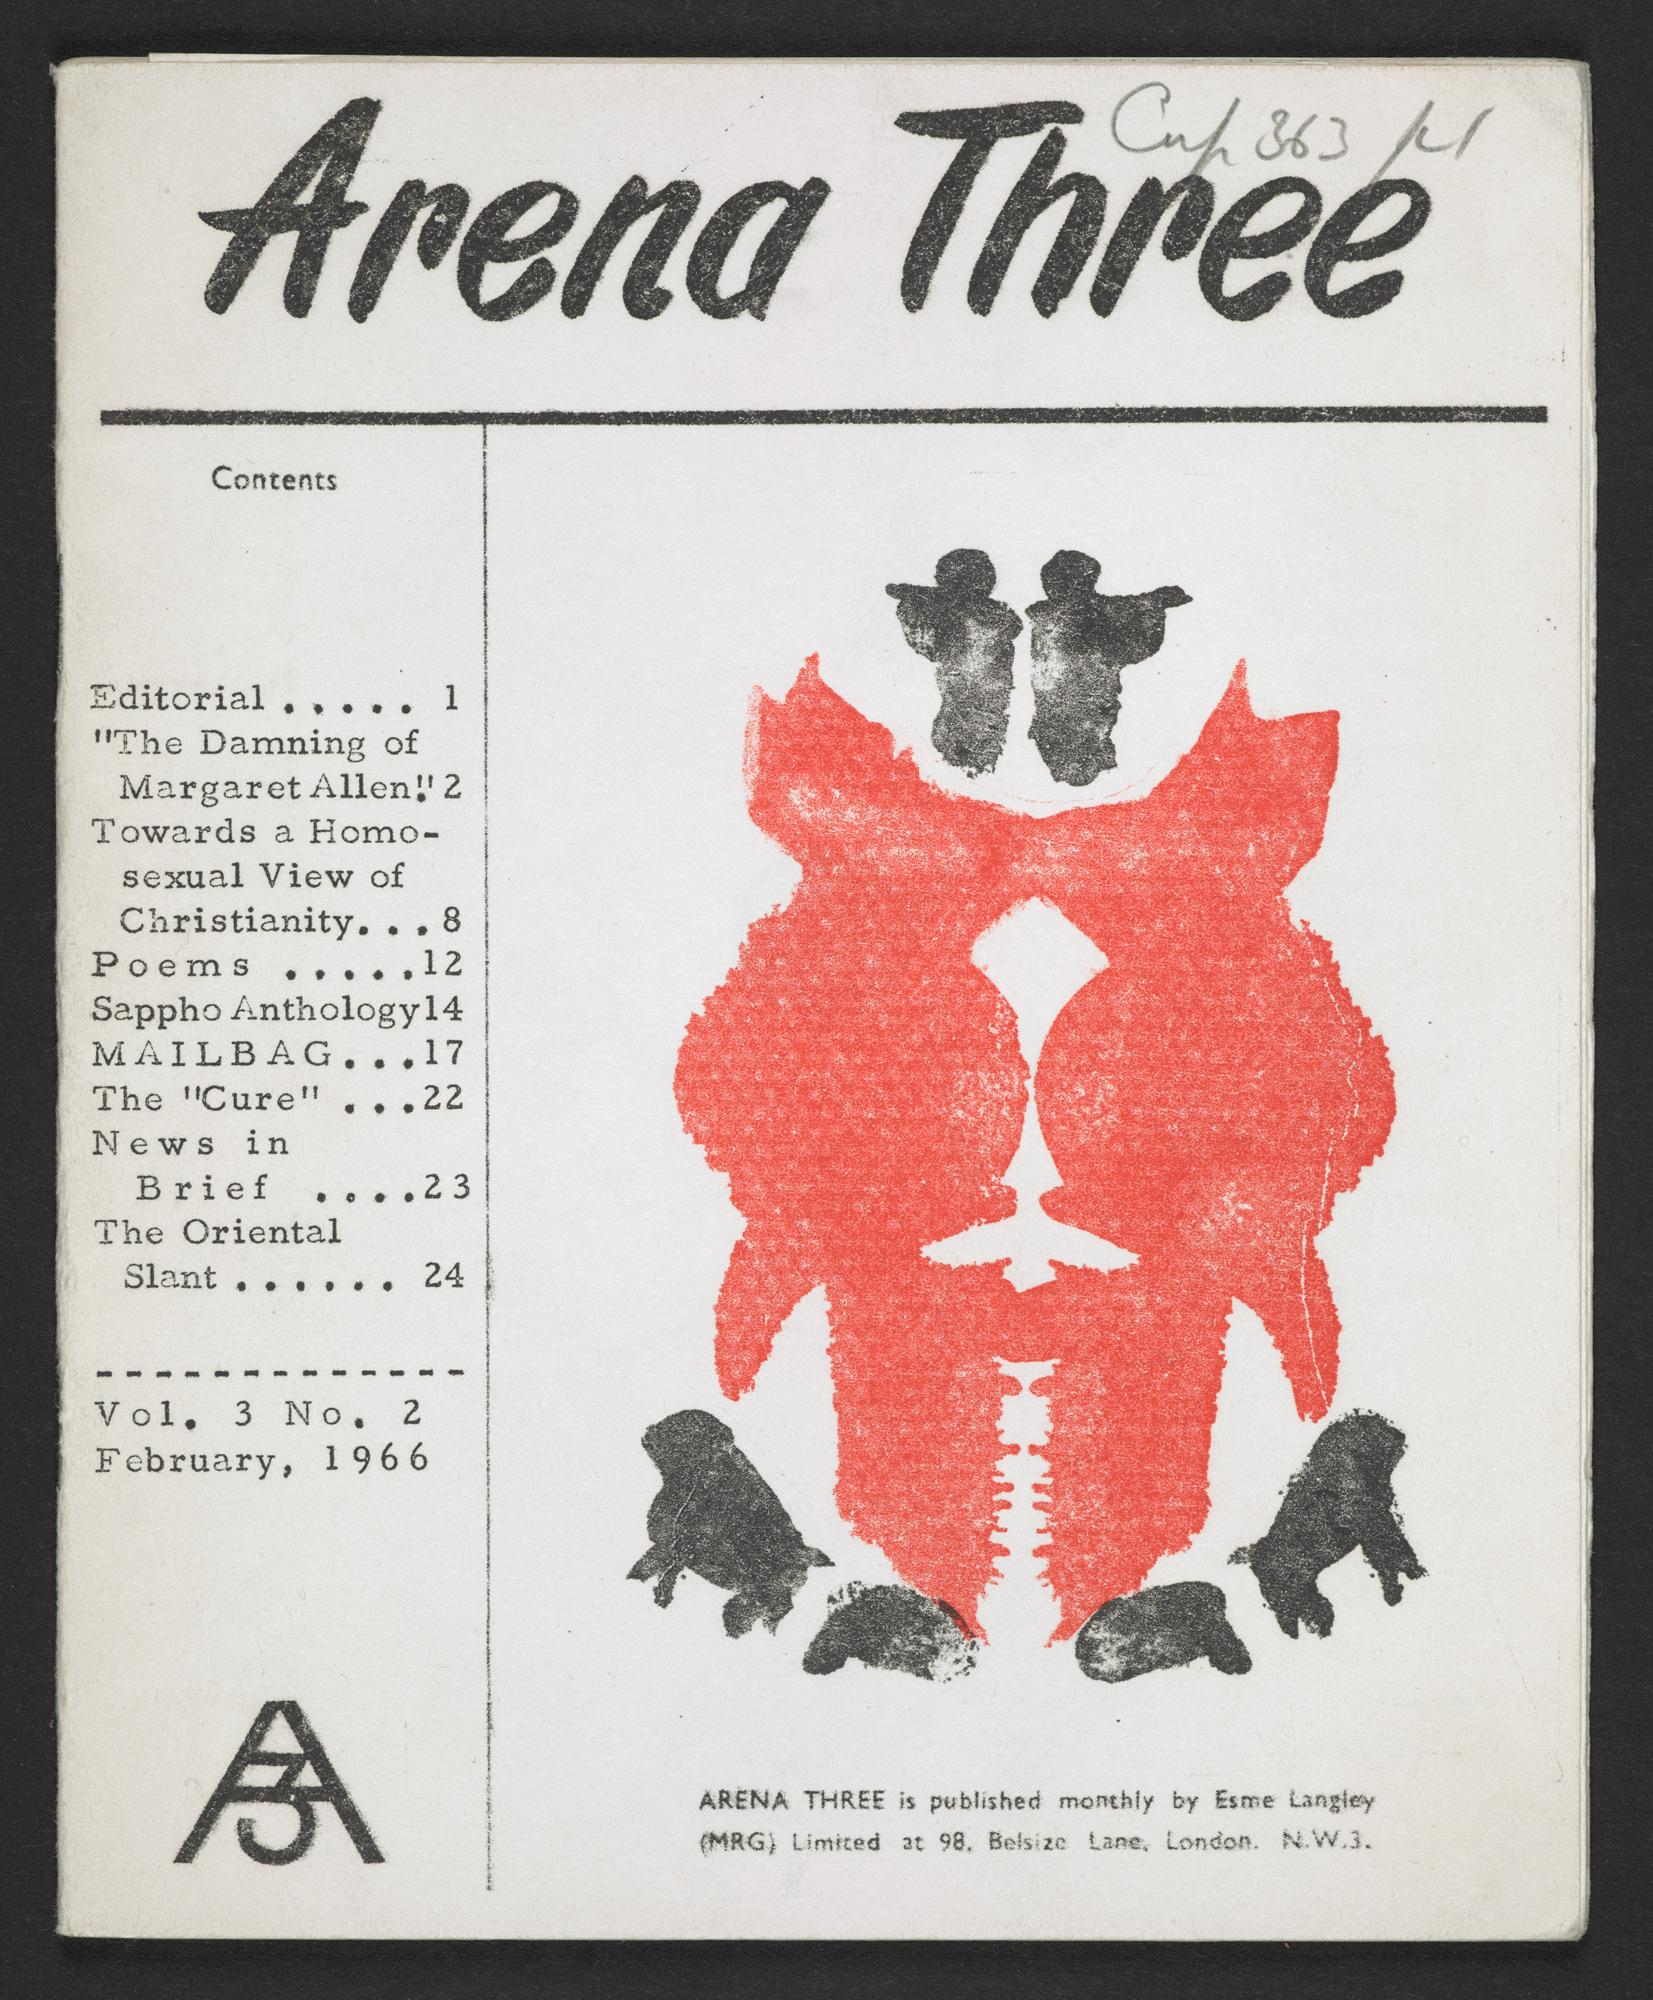 Arena Three magazine - The British Library